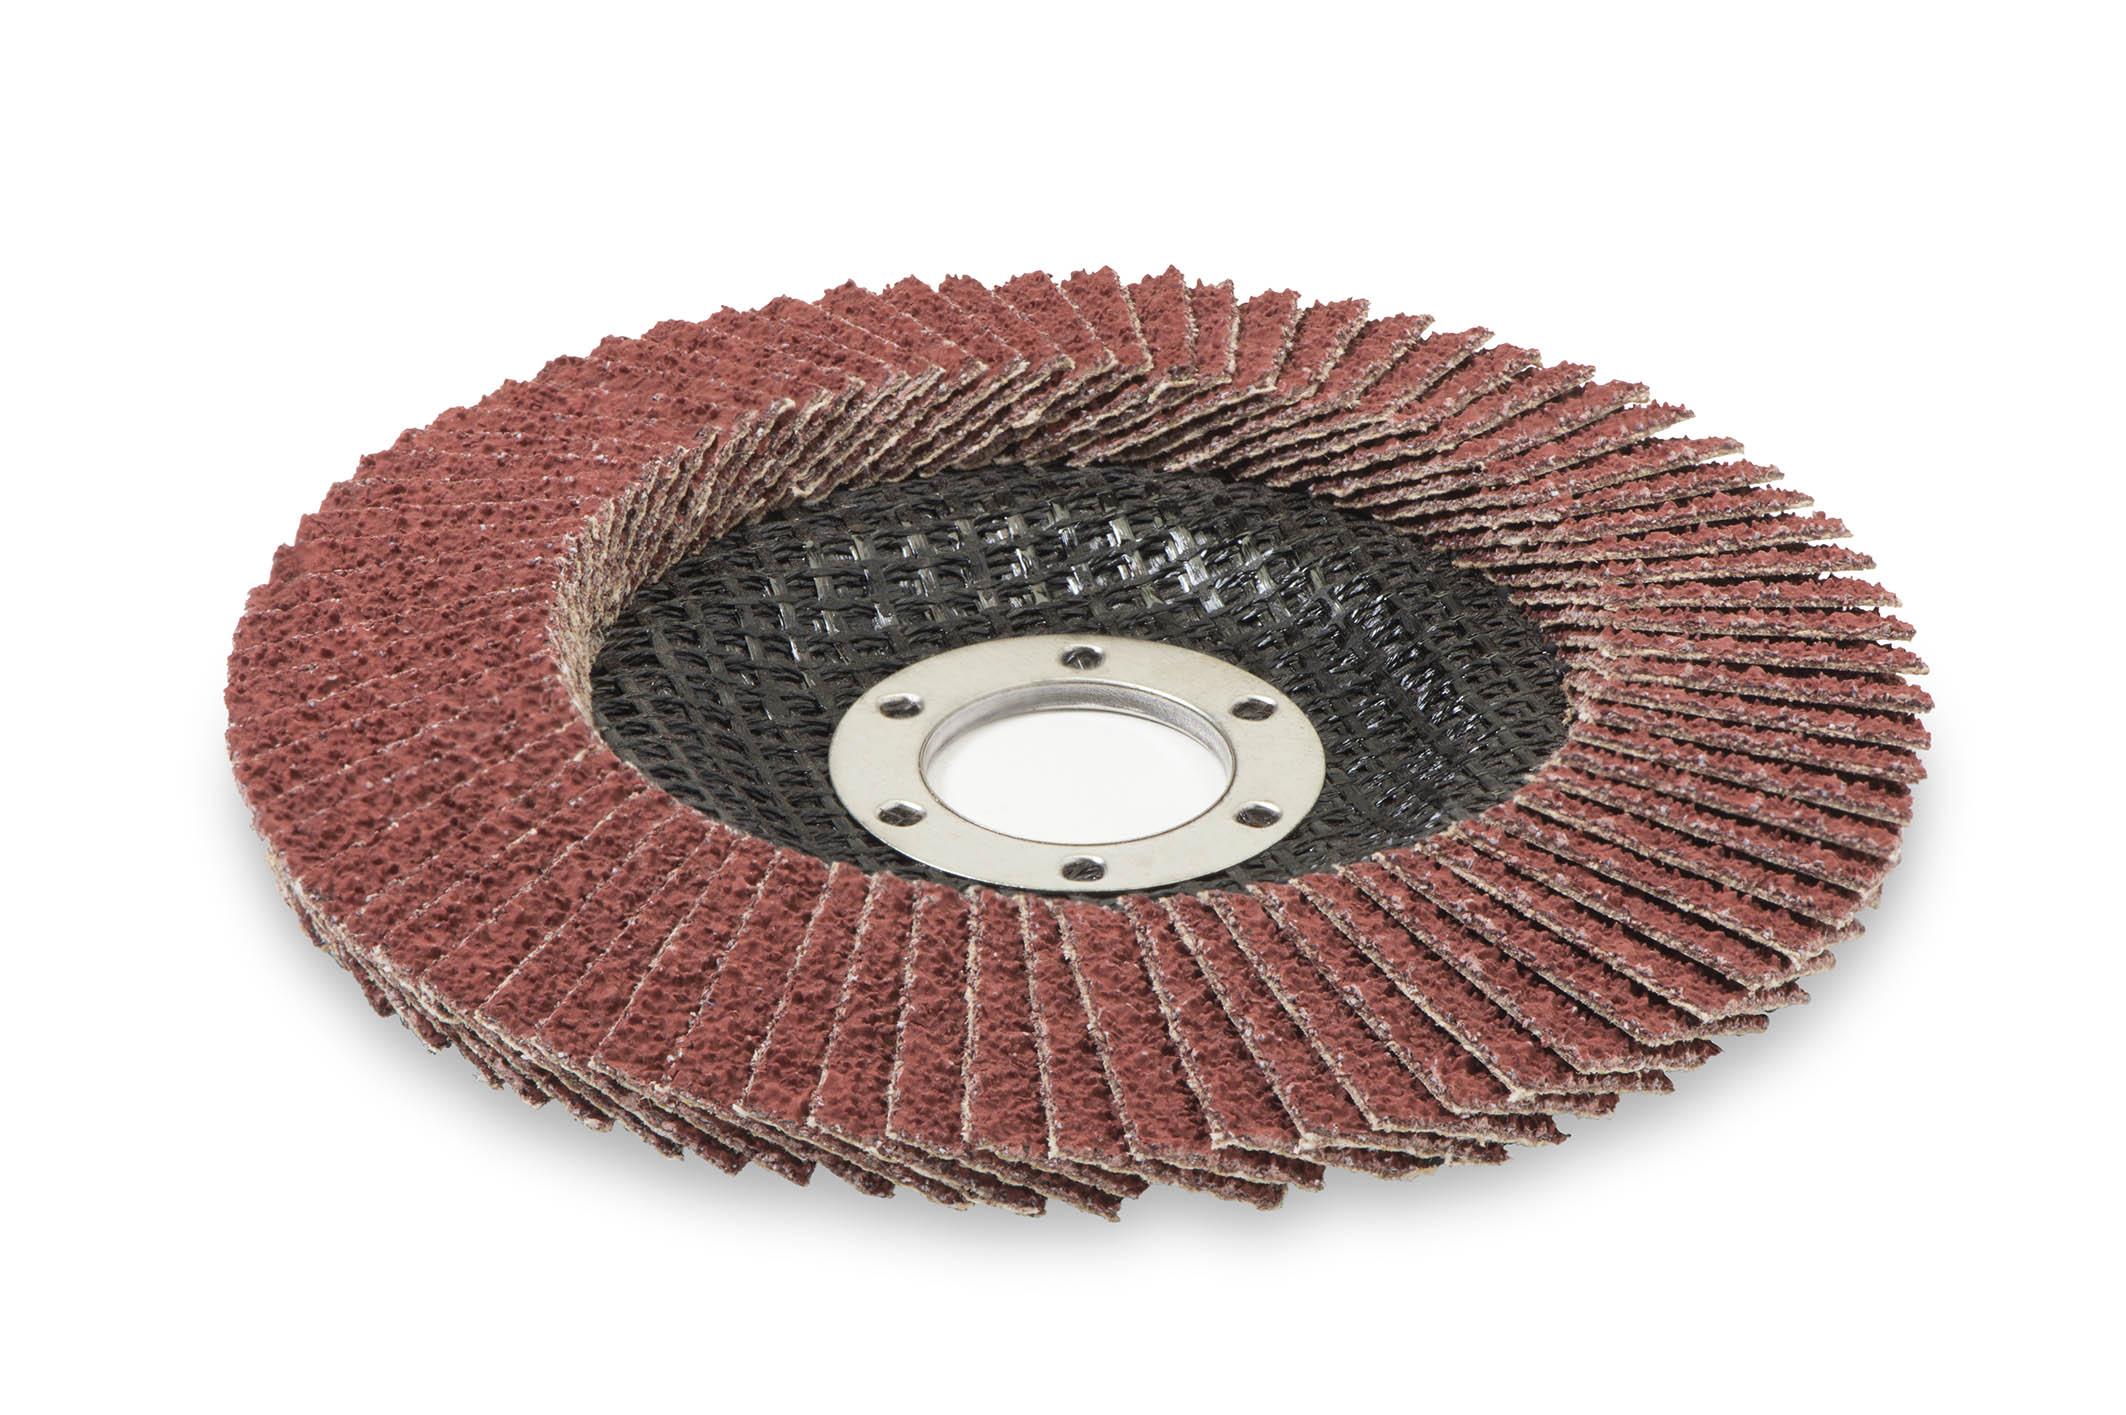 10 x STARCKE Fächerscheibe Schleifscheiben konisch Keramik 115 mm Korn 40 | 190052